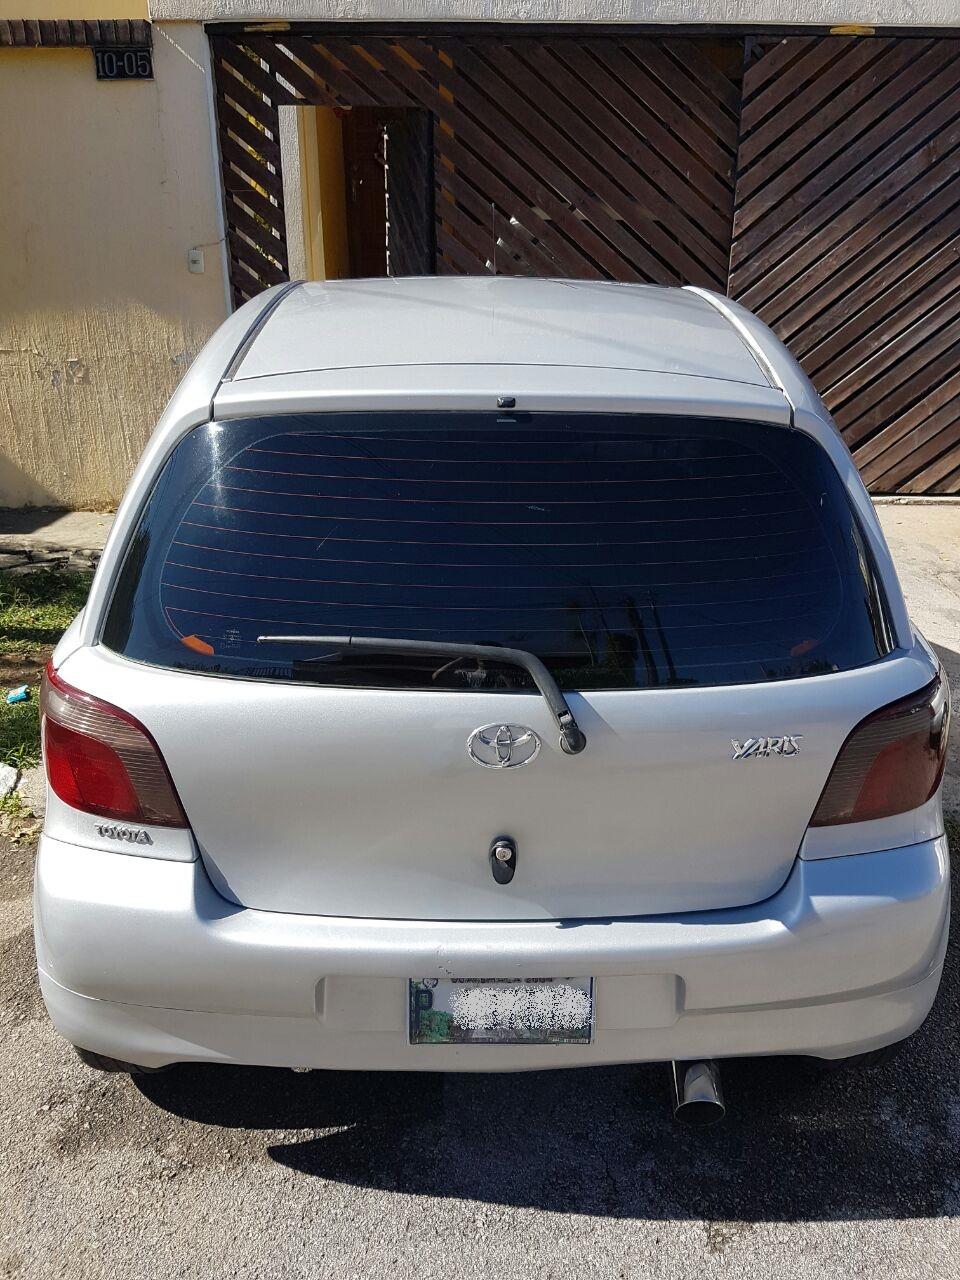 Carros Toyota En Guatemala Top Car Reviews 2019 2020 Toyotas Hilux Usados Yaris 2003 Ciudad De